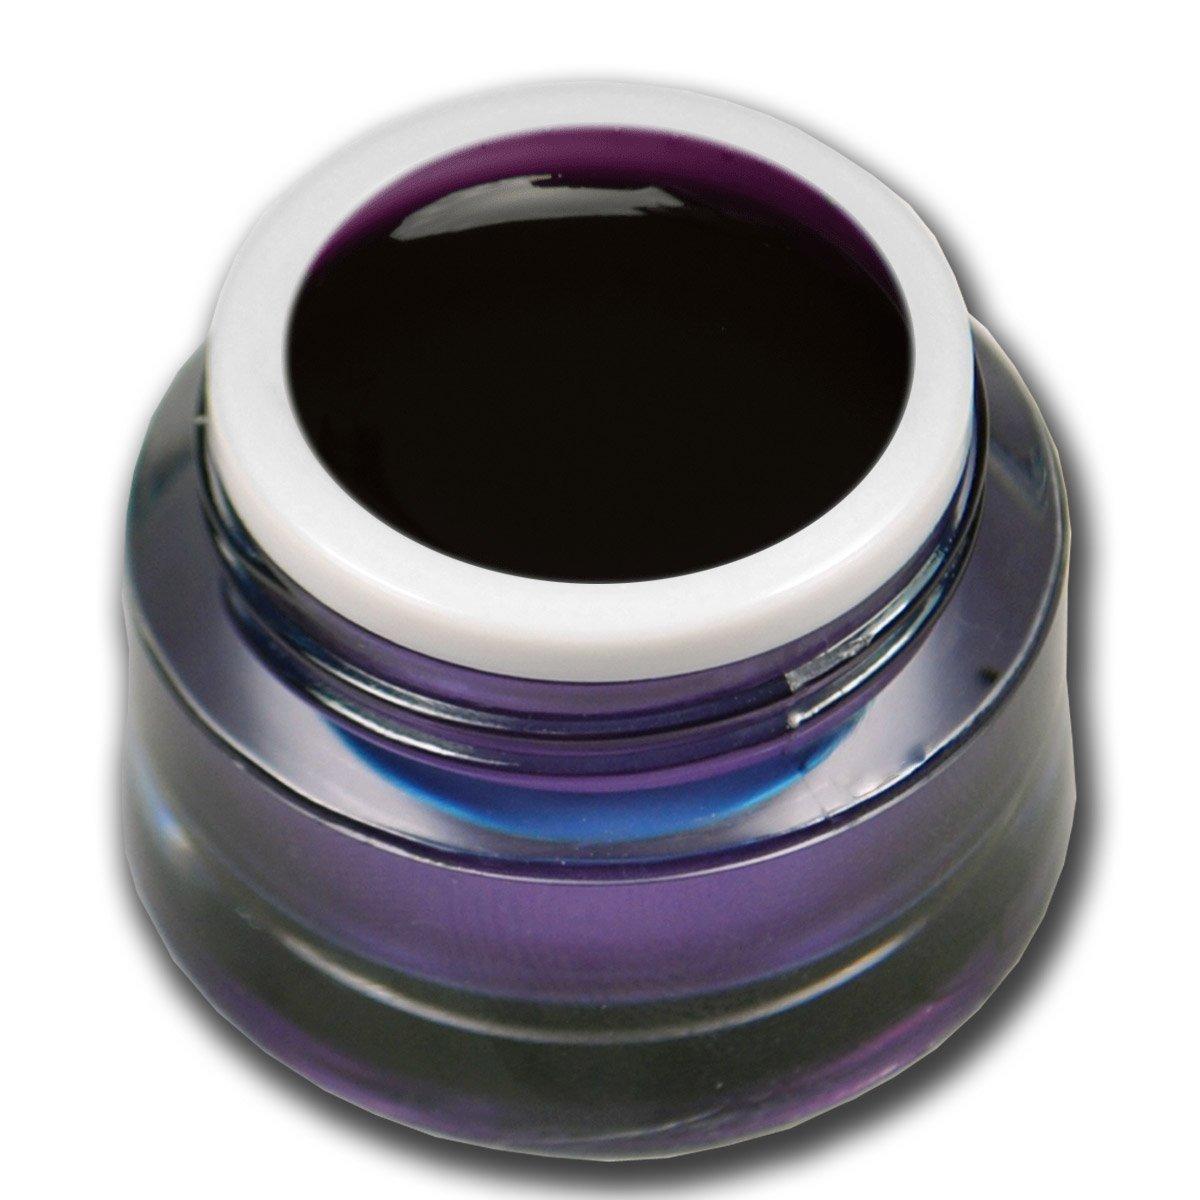 Premium Gel vetro colorato viola 5ml Gel UV Unghie Nail Art